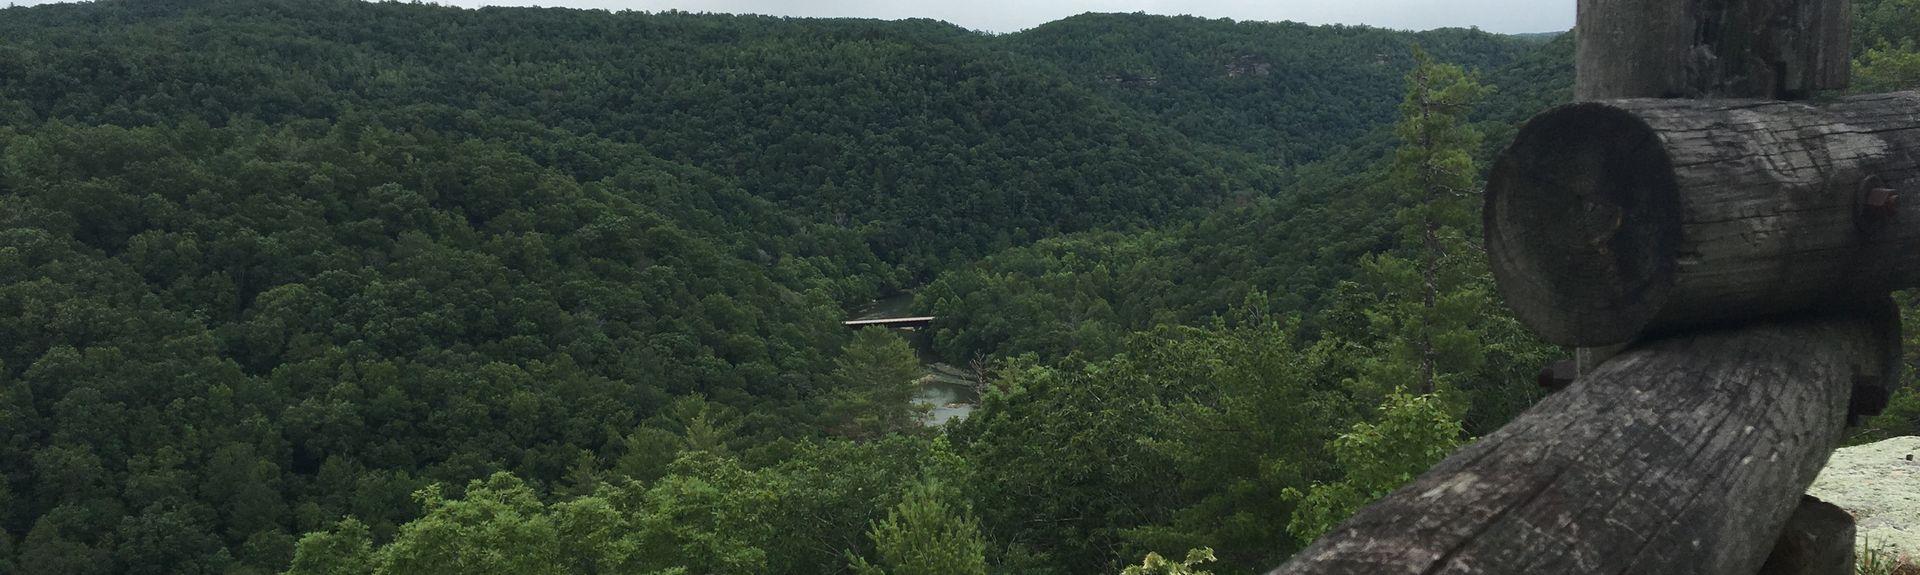 Winfield, Tennessee, Verenigde Staten